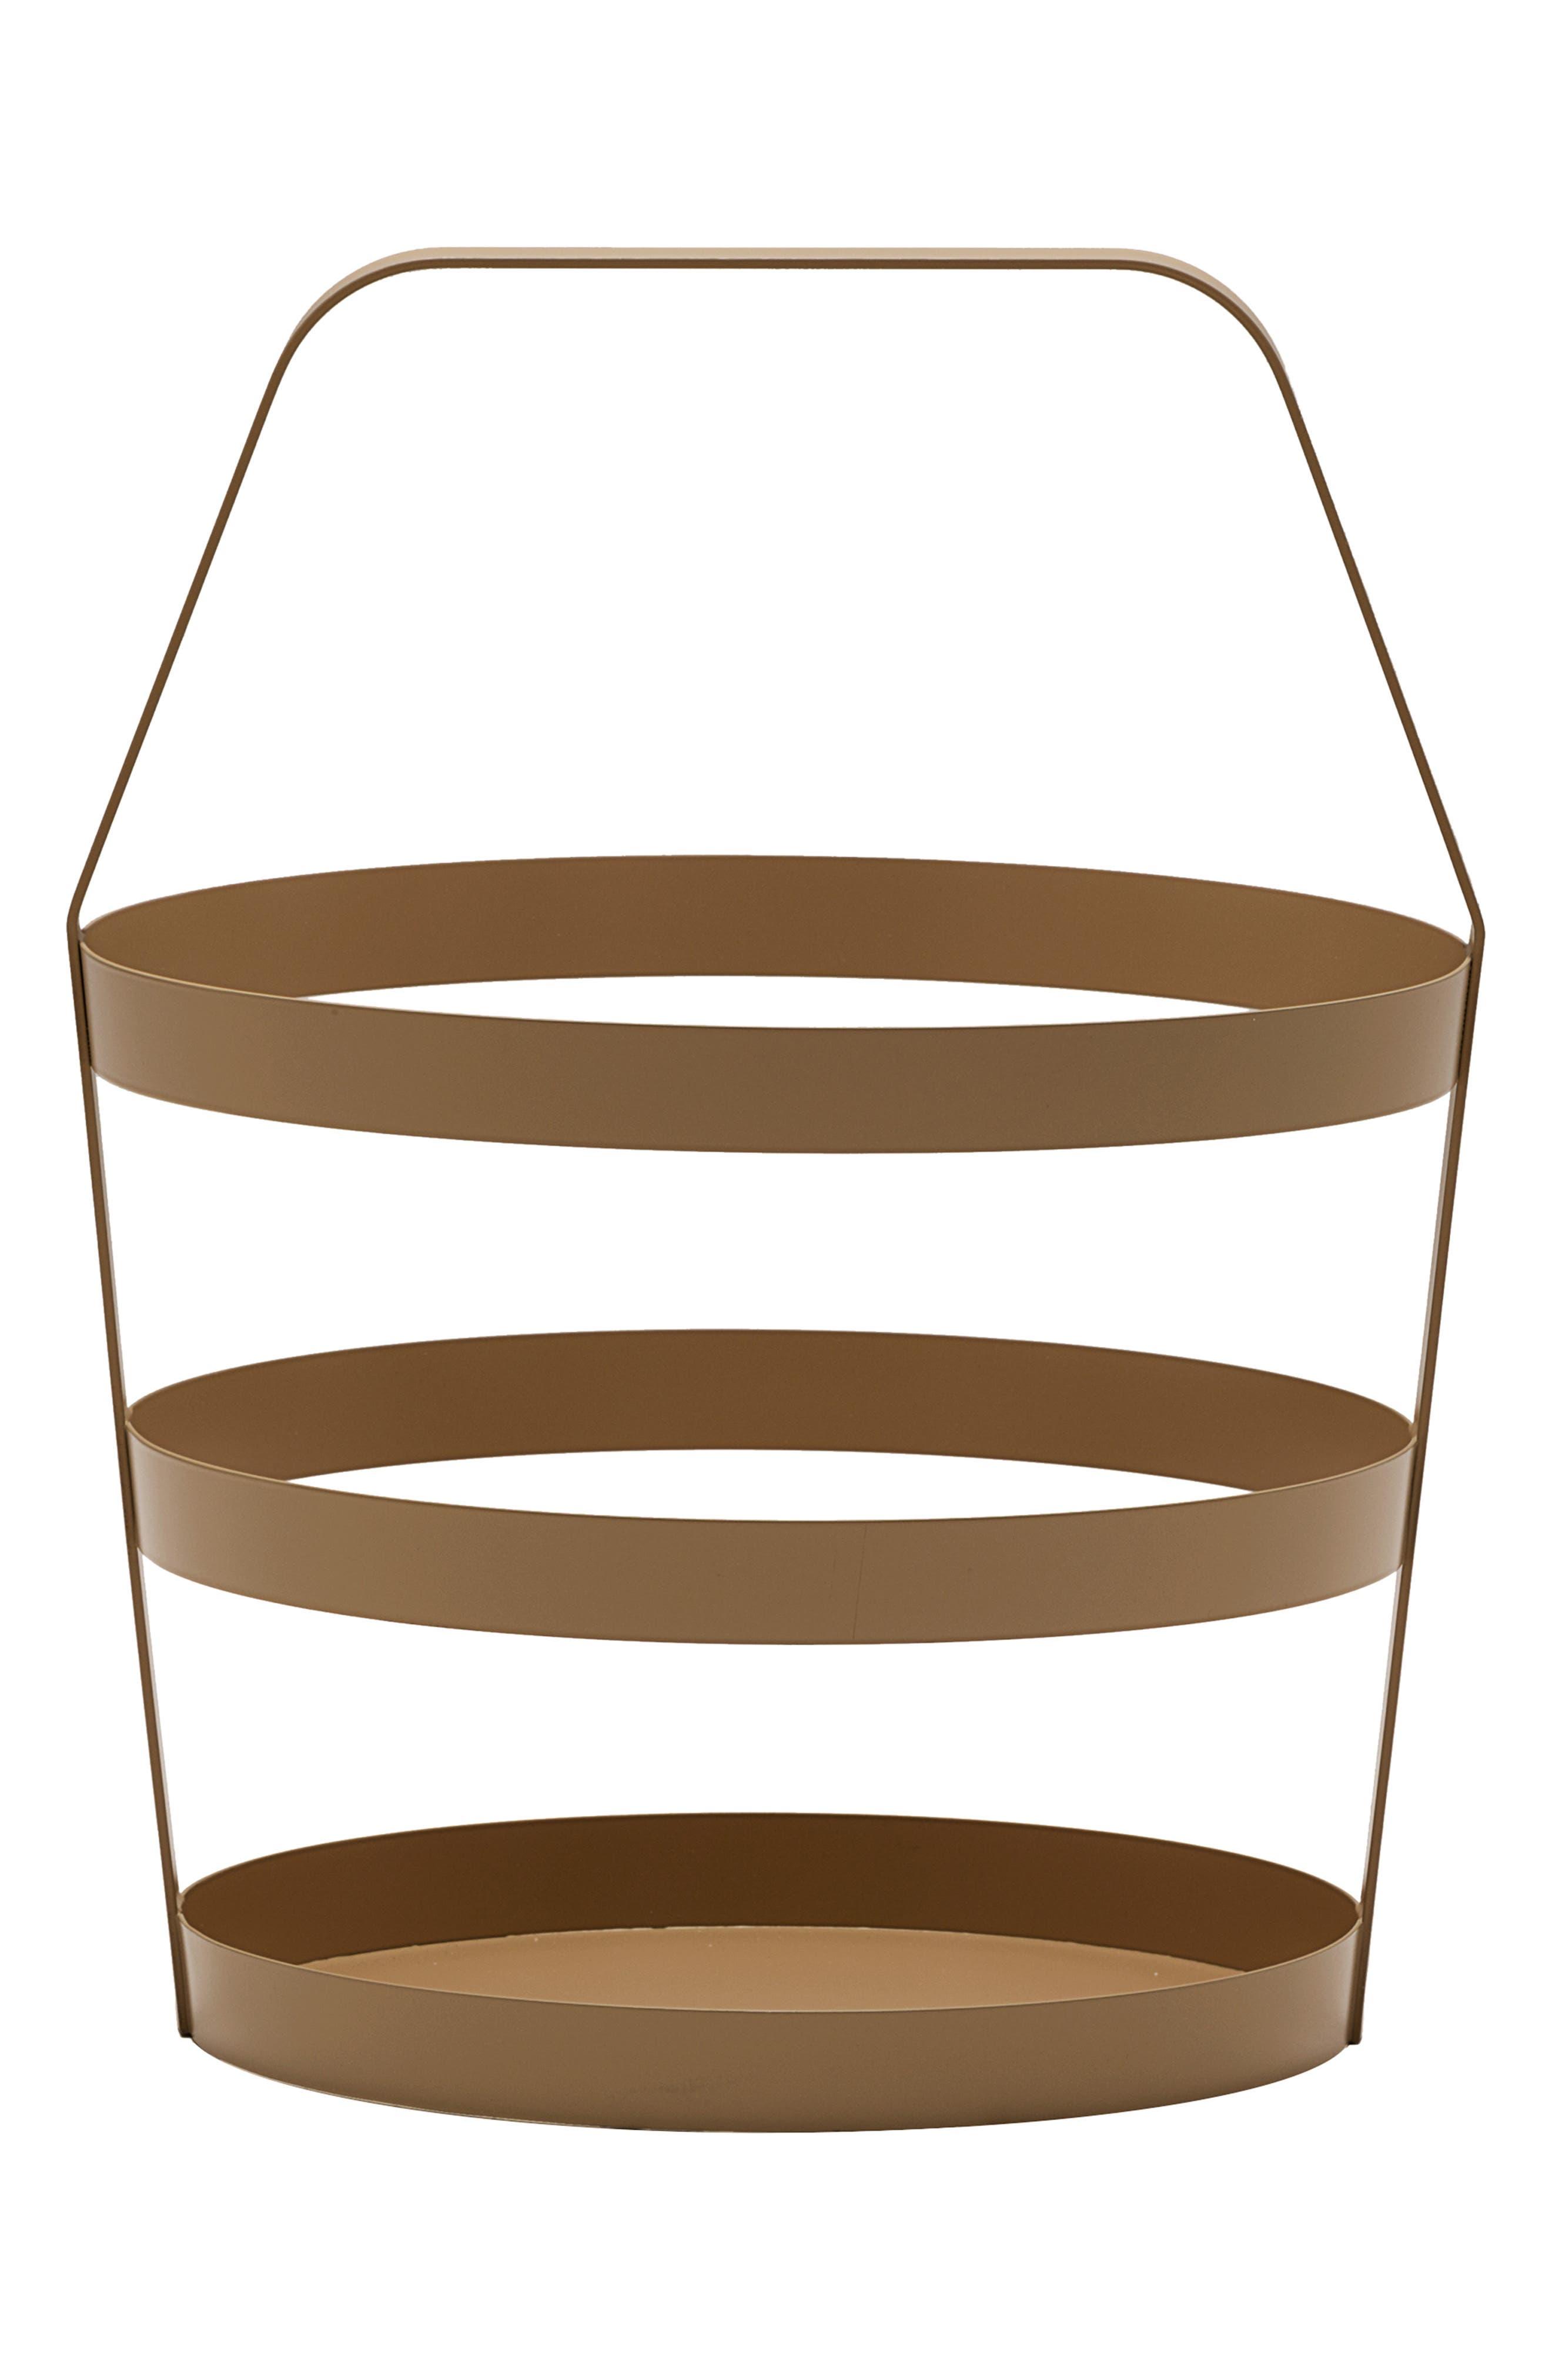 Design on Stock USA Basket